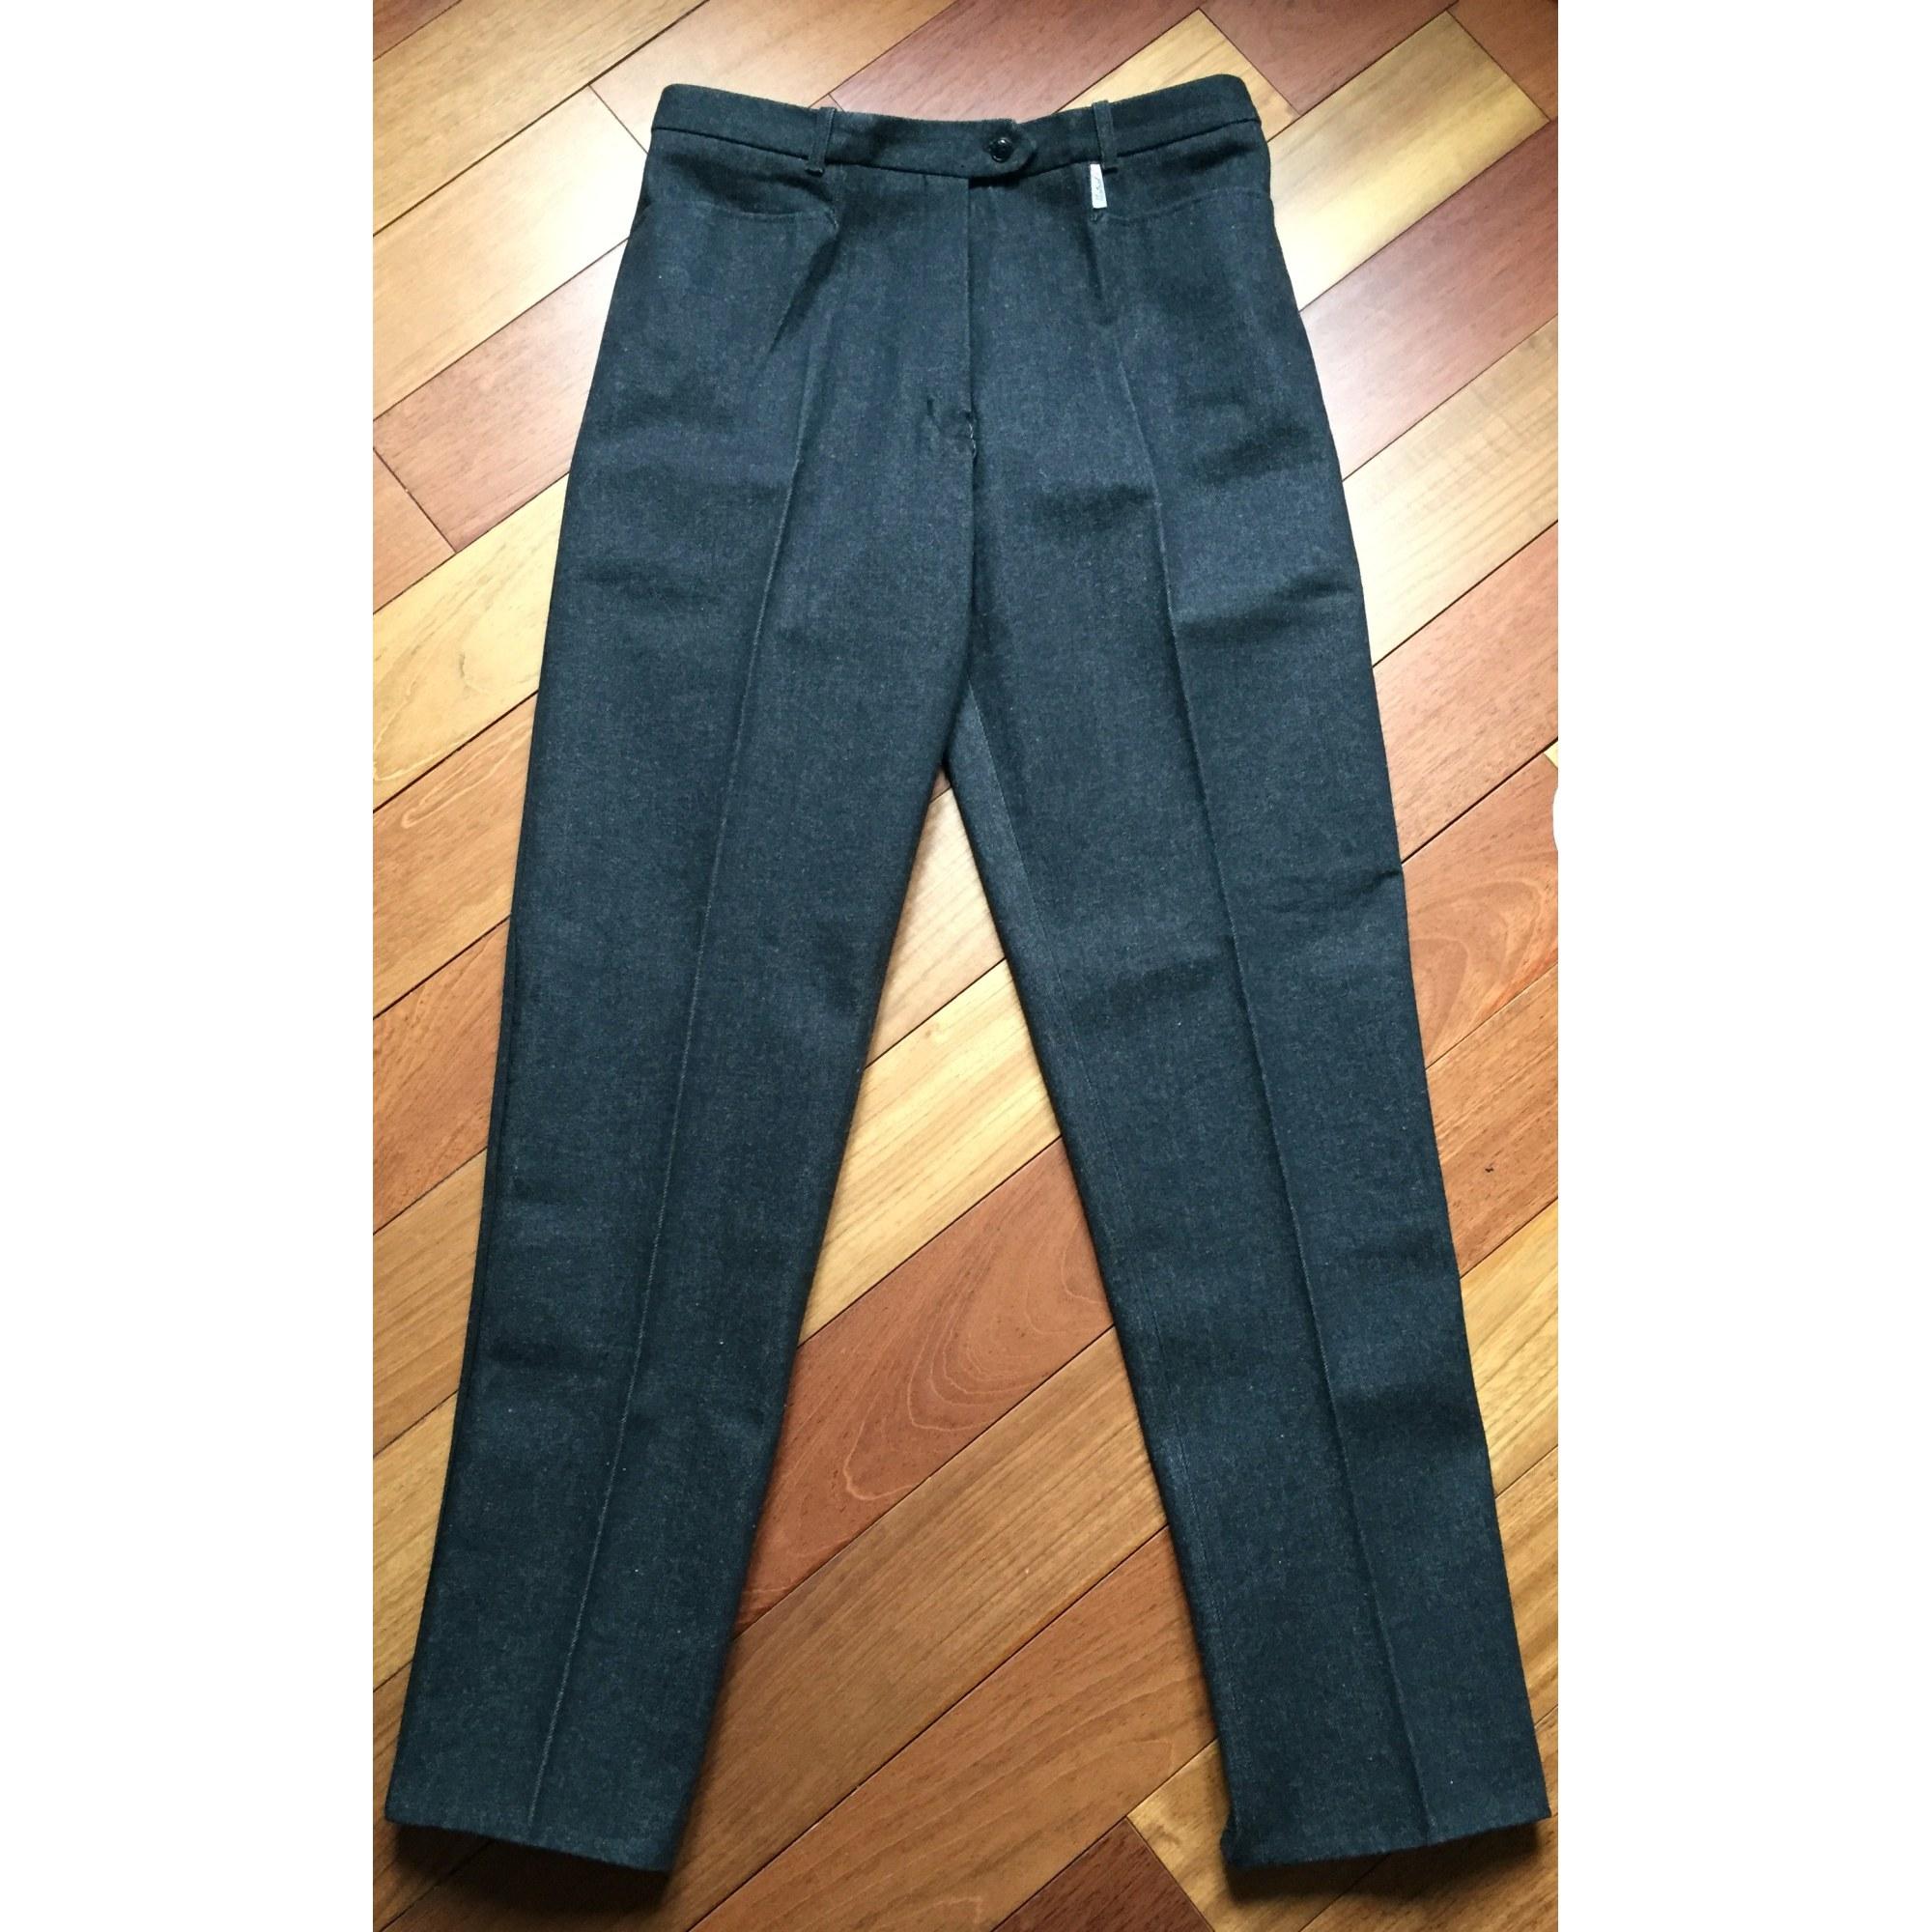 7a93d488d231 Pantalon slim, cigarette LES INDIENNES DE NÎMES 42 (L XL, T4) noir ...